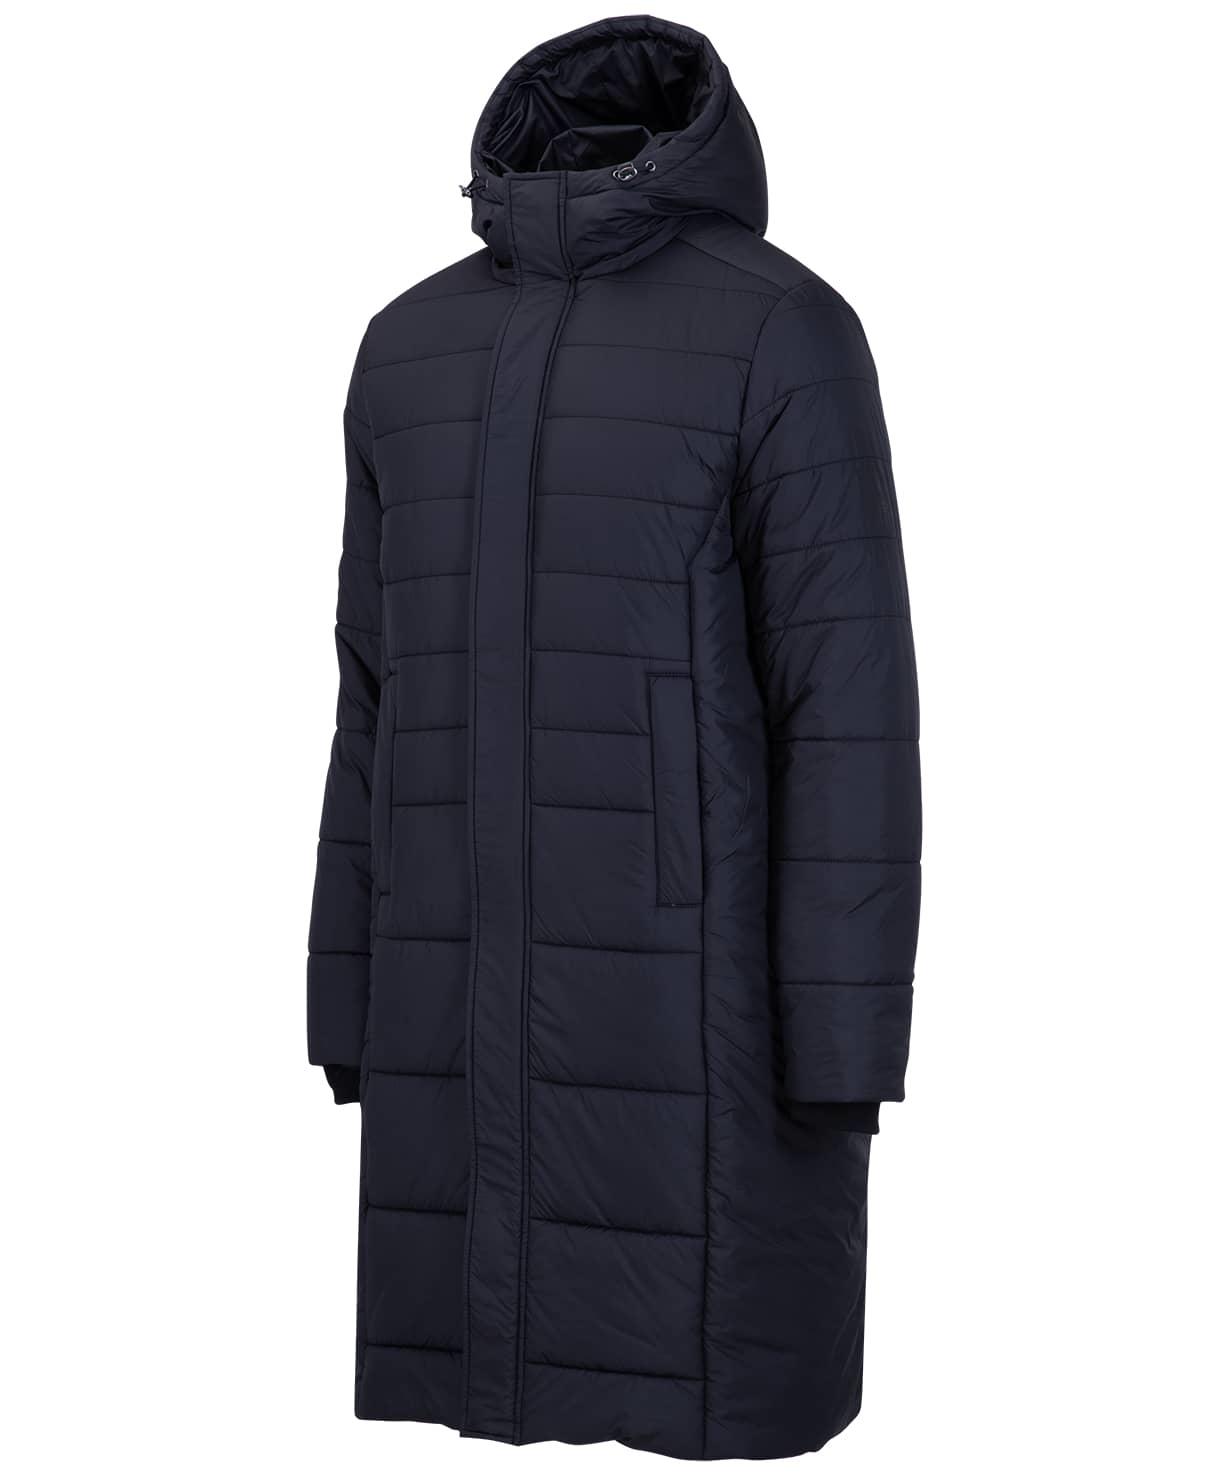 Пальто утепленное детское ESSENTIAL Long Padded Jacket, черный